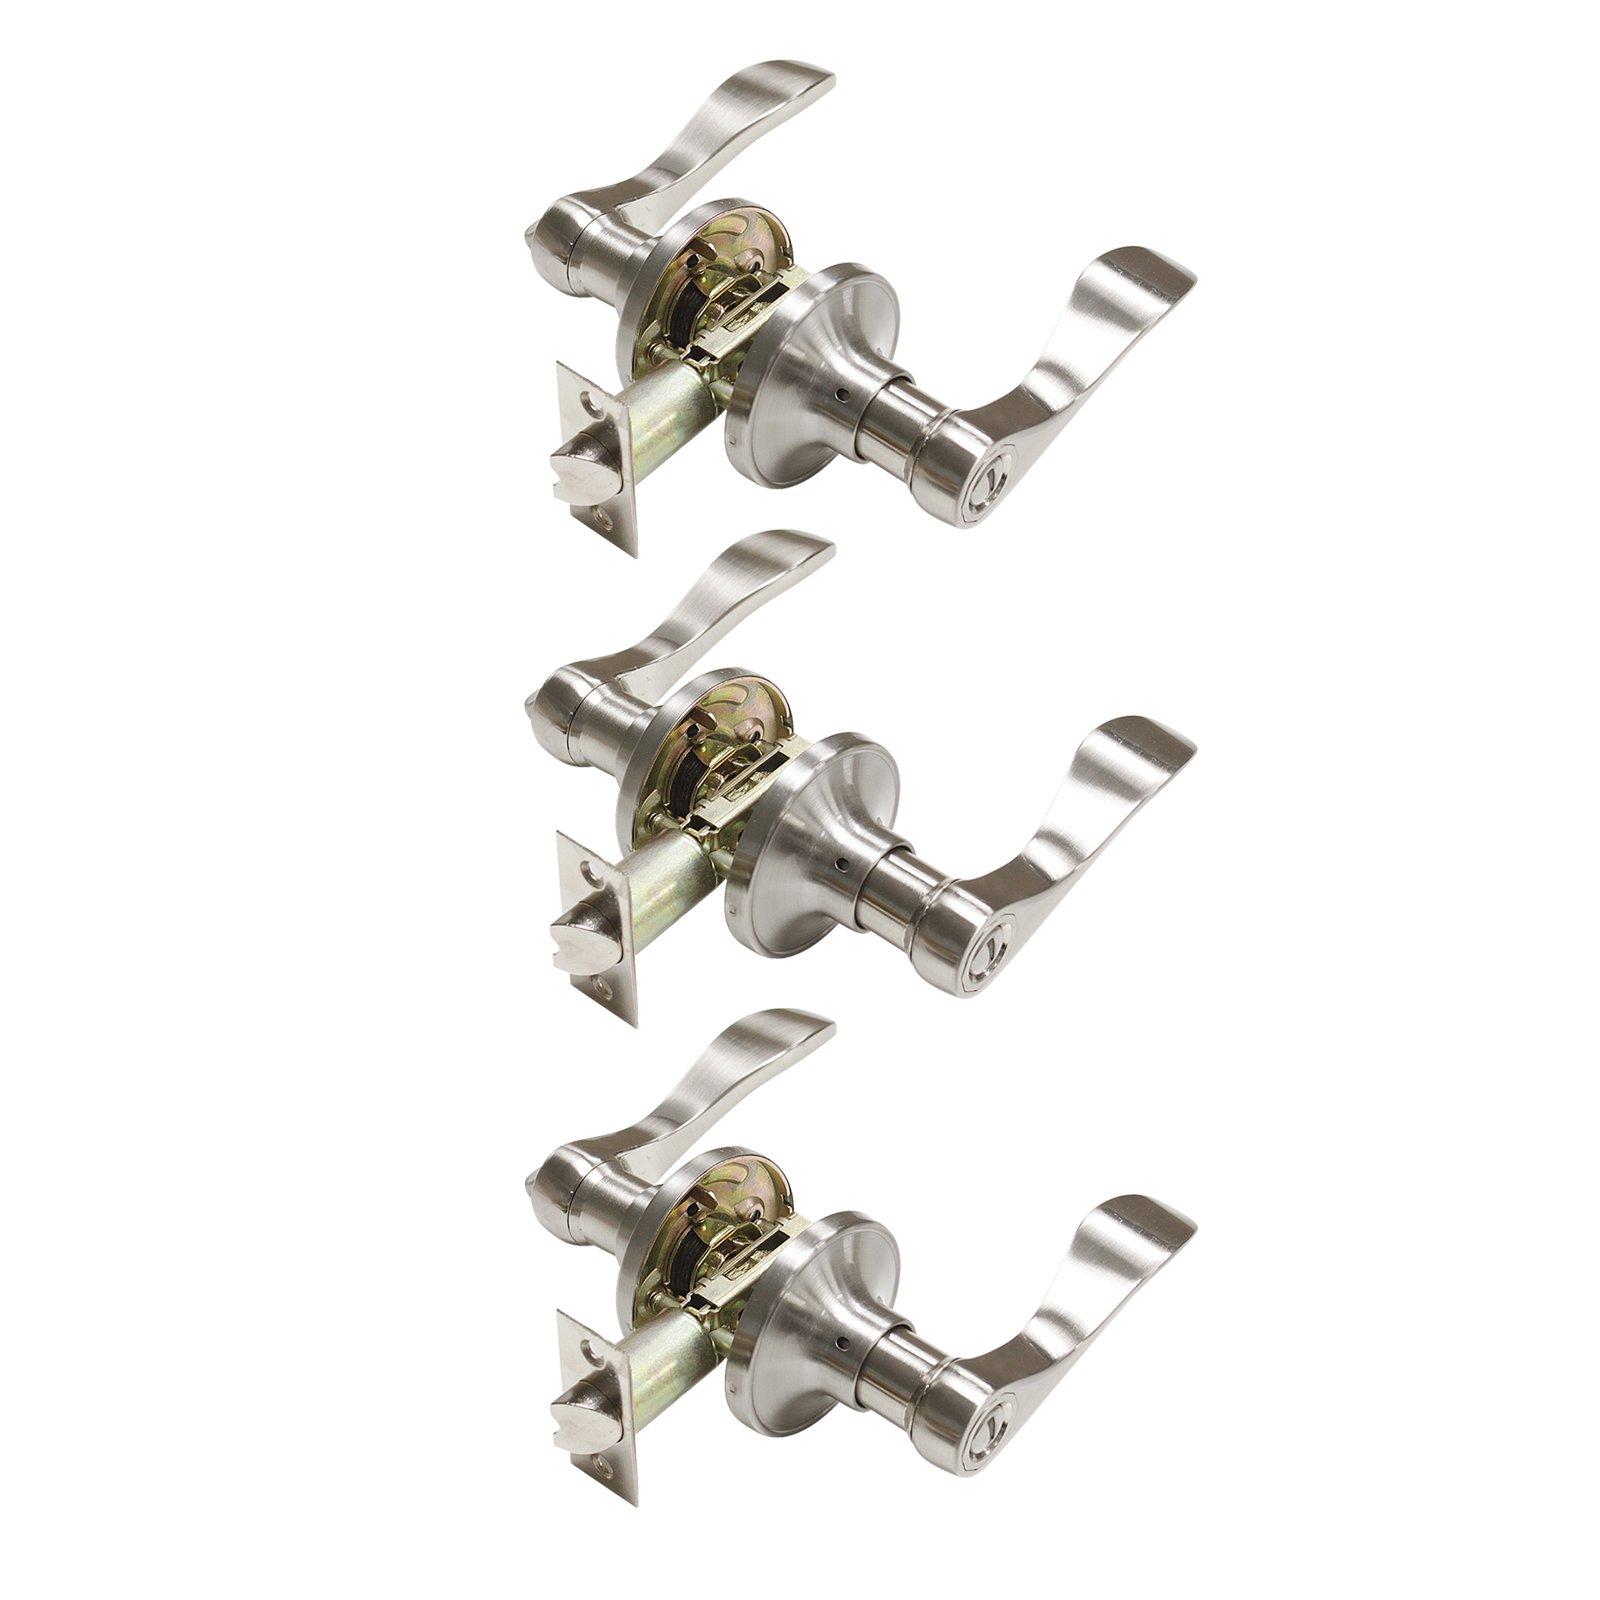 3 Pack Probrico Door Lever Privacy Door Lock Doorknobs Handle Hardware Keyless Lockset for Storage Room Bedroom Bathroom without Key in Satin Nickel-Right/Left Handed Reversible